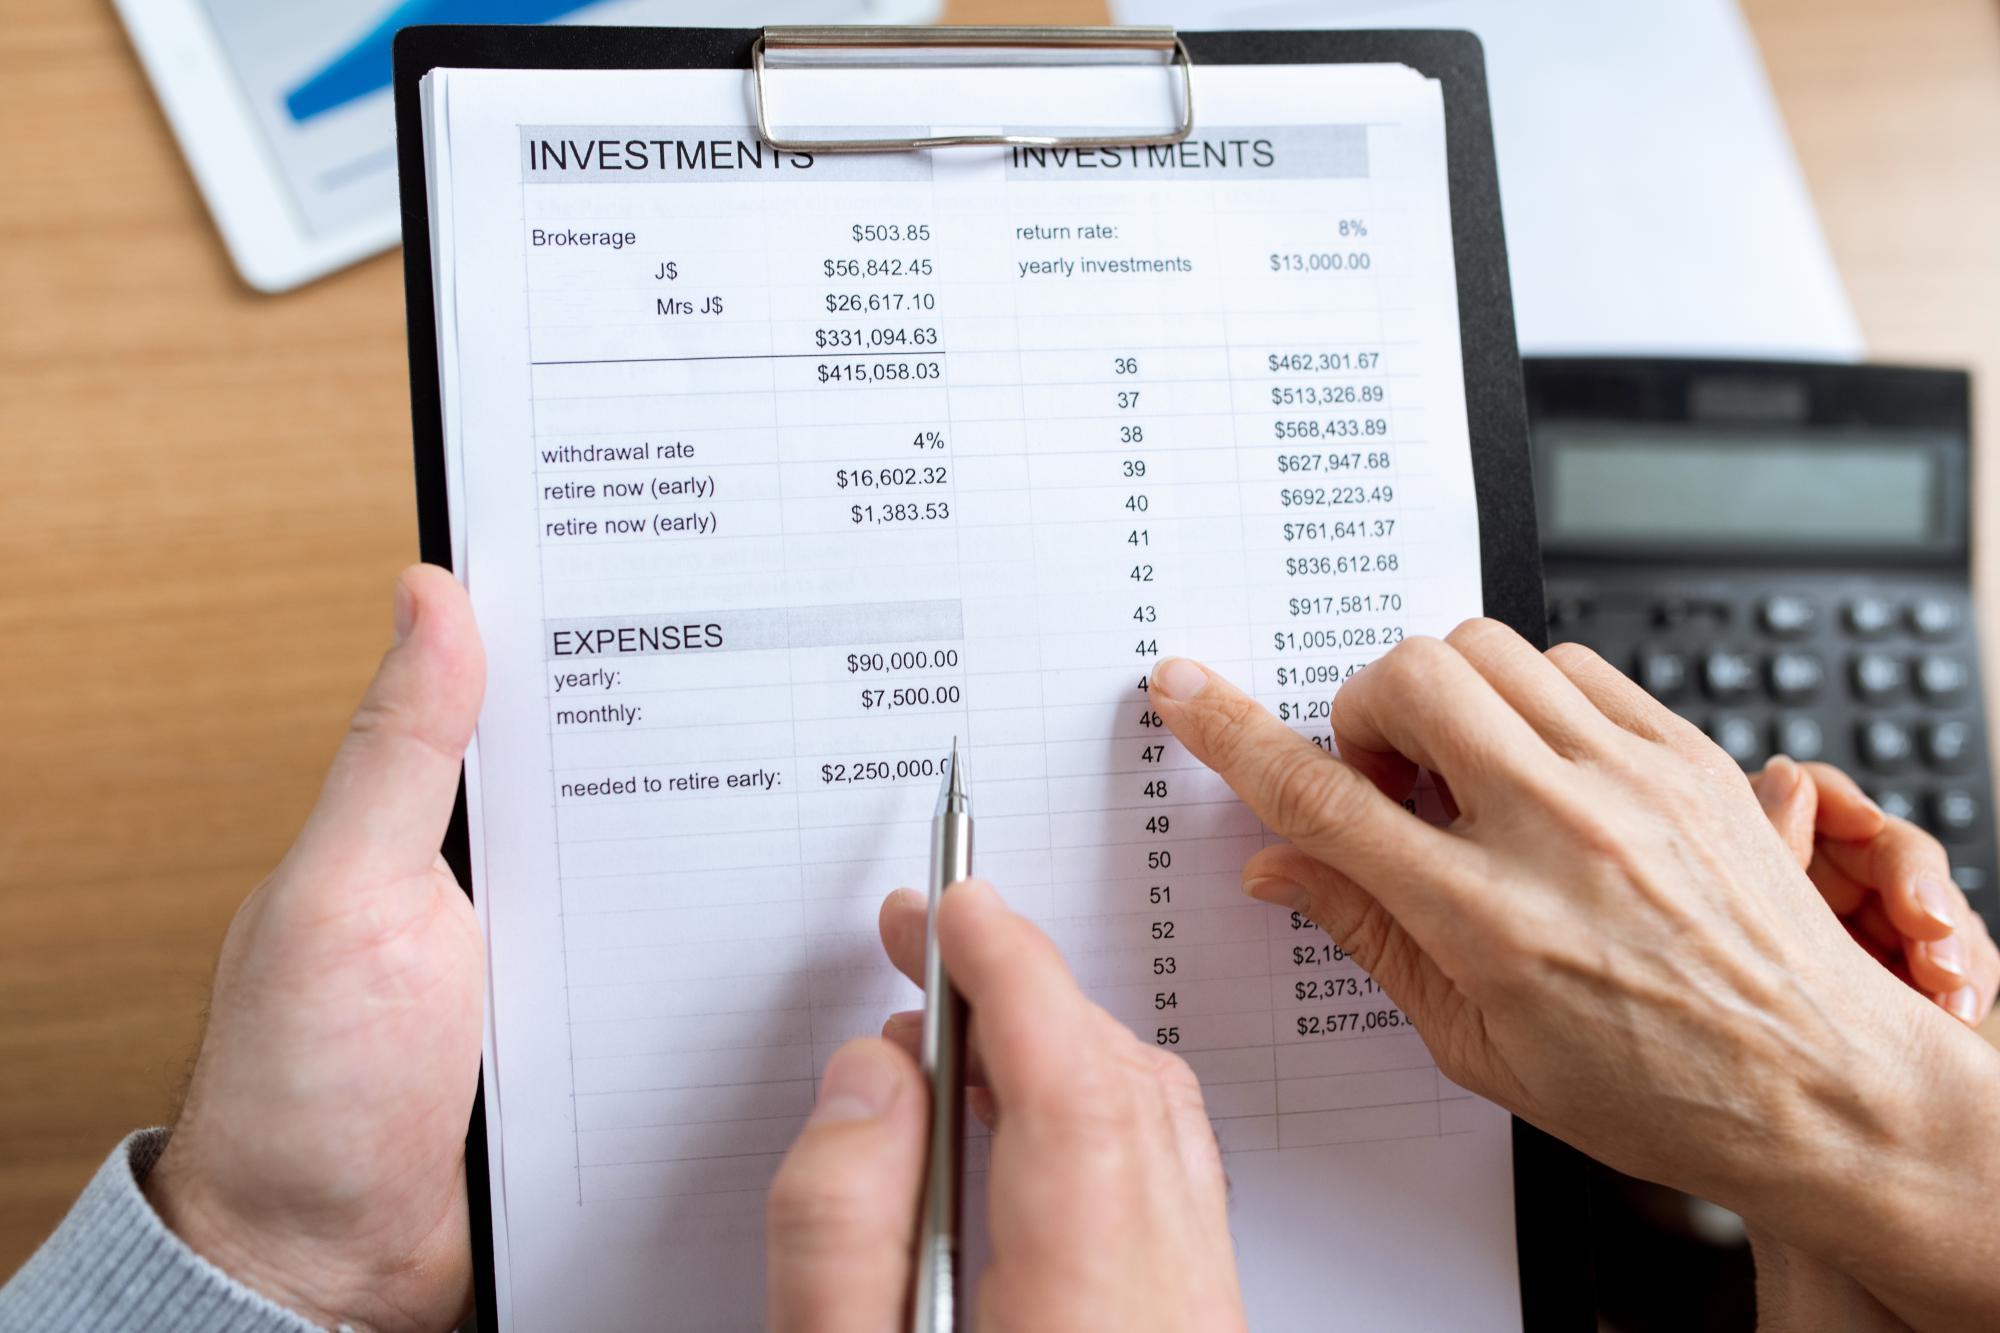 ФНС и Минфин обсуждают возможность контроля за крупными расходами населения